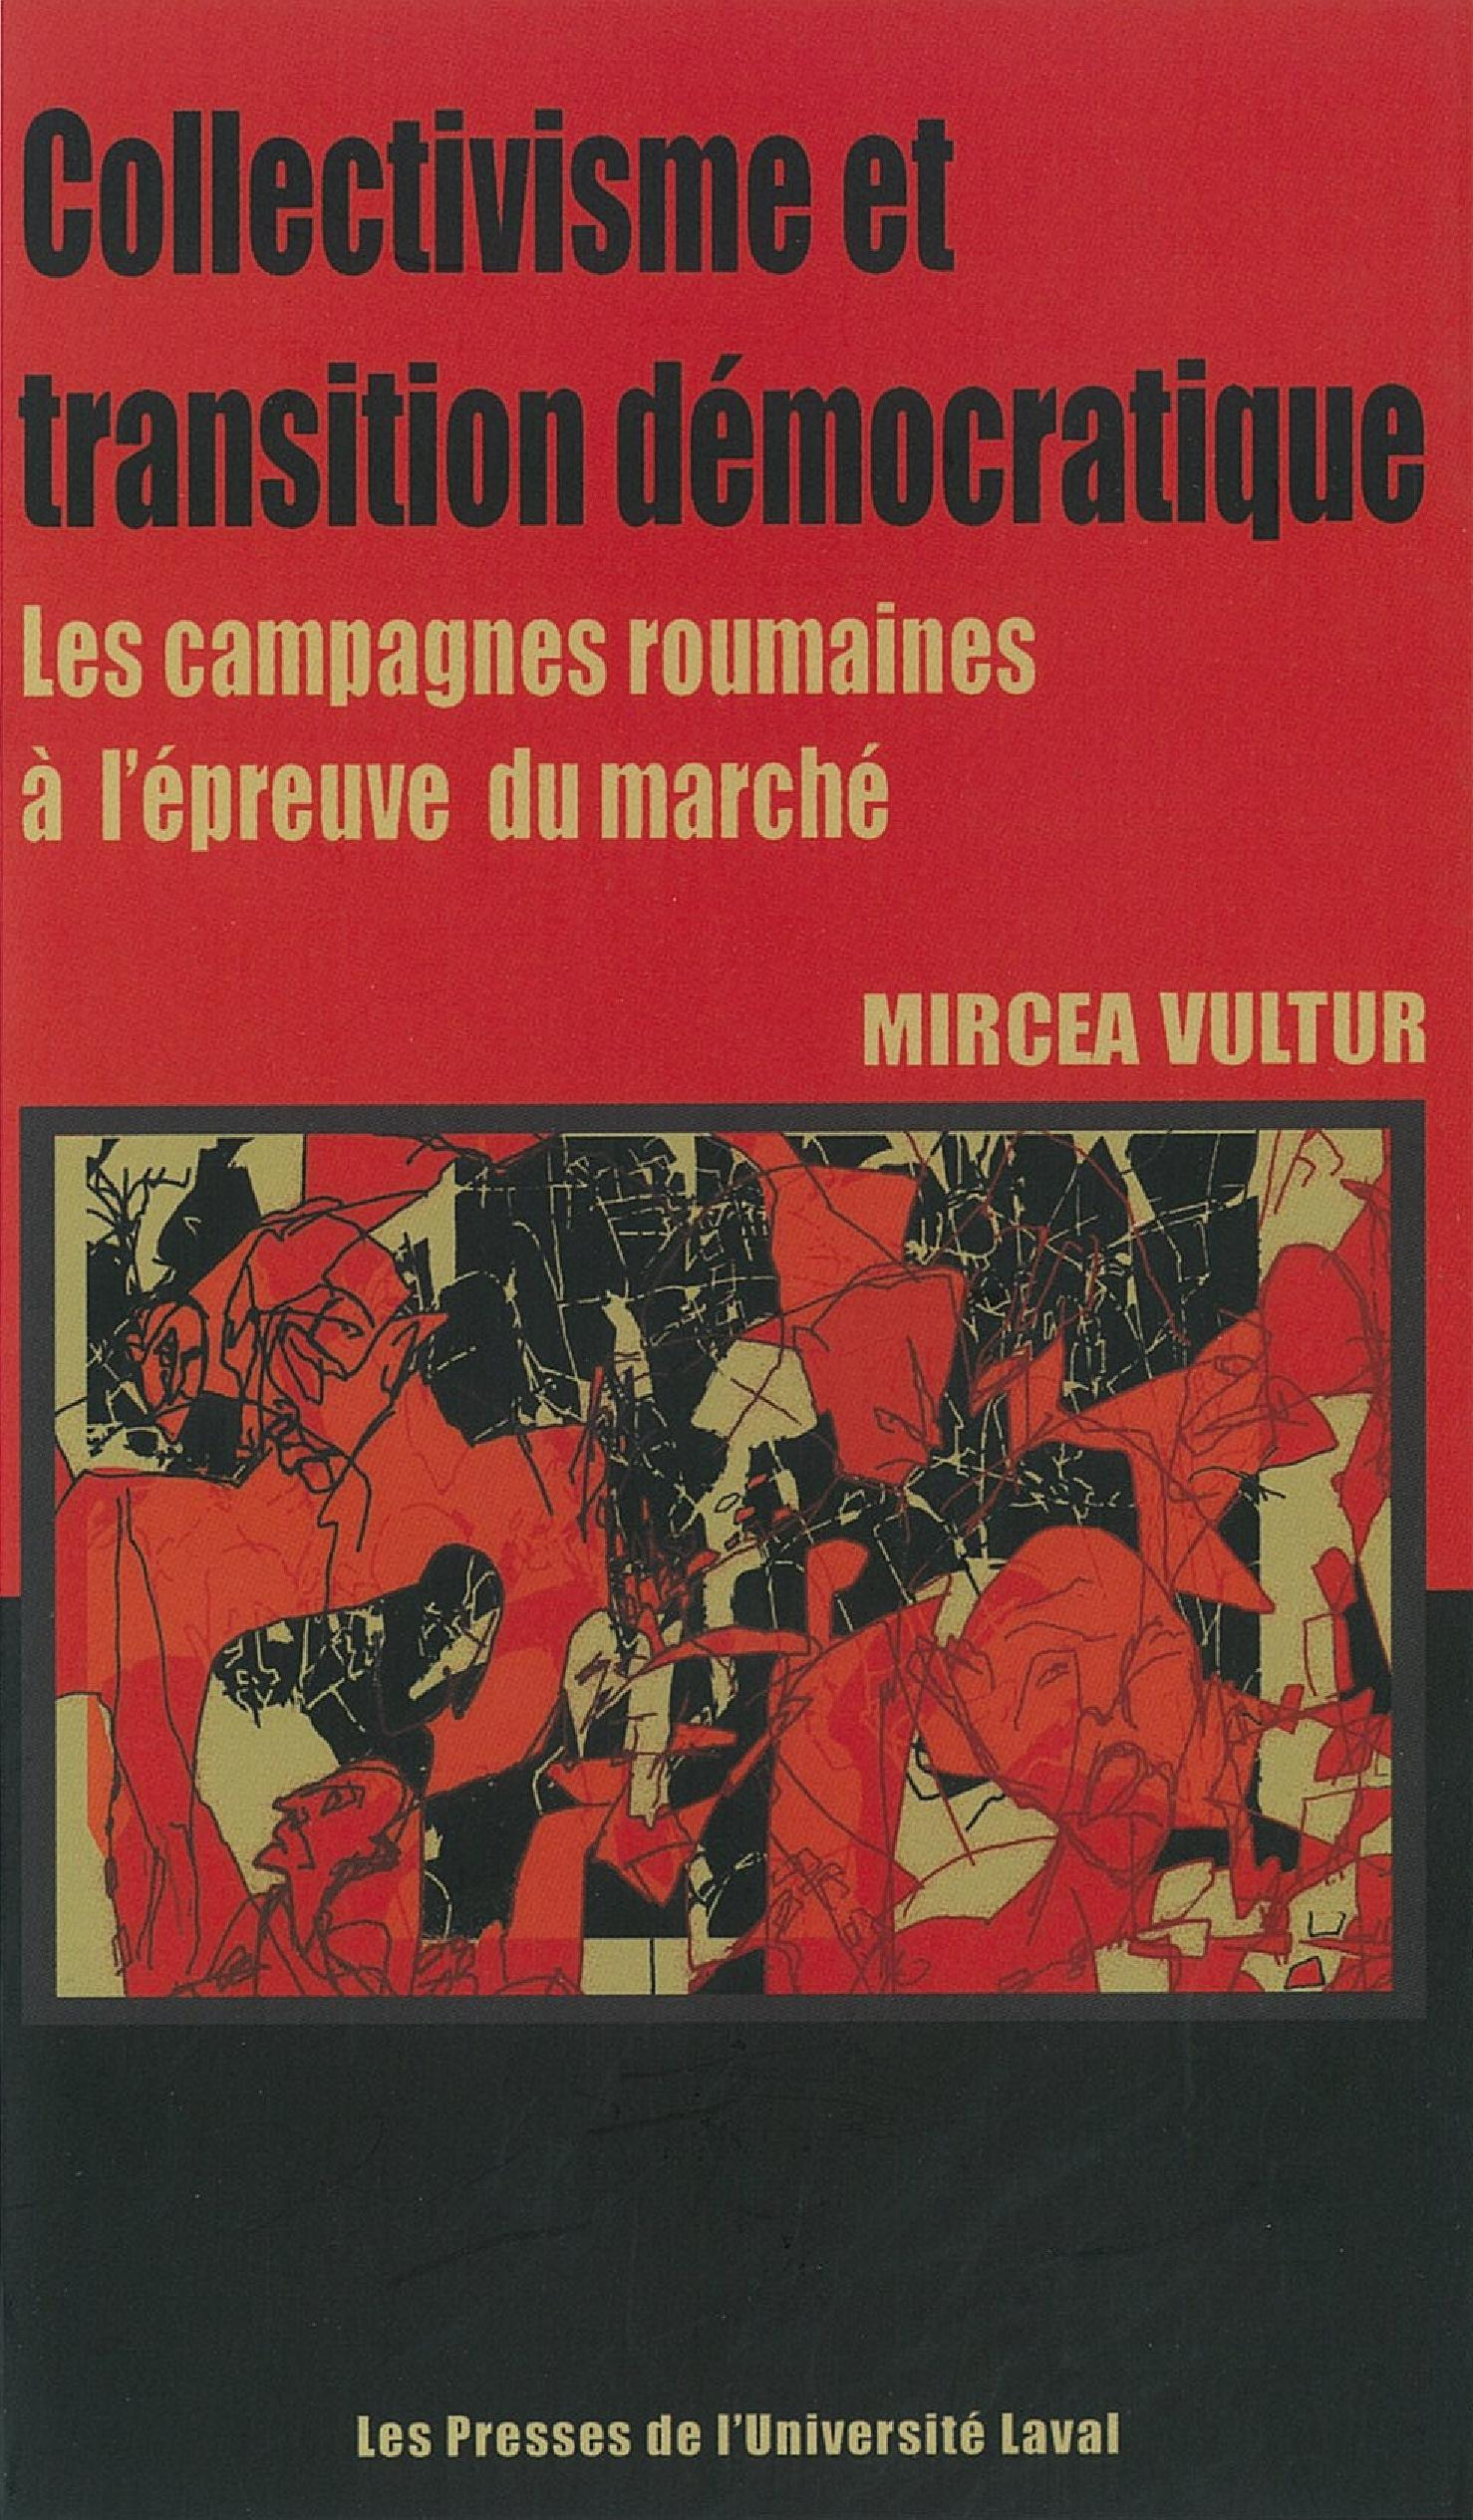 Collectivisme et transition démocratique